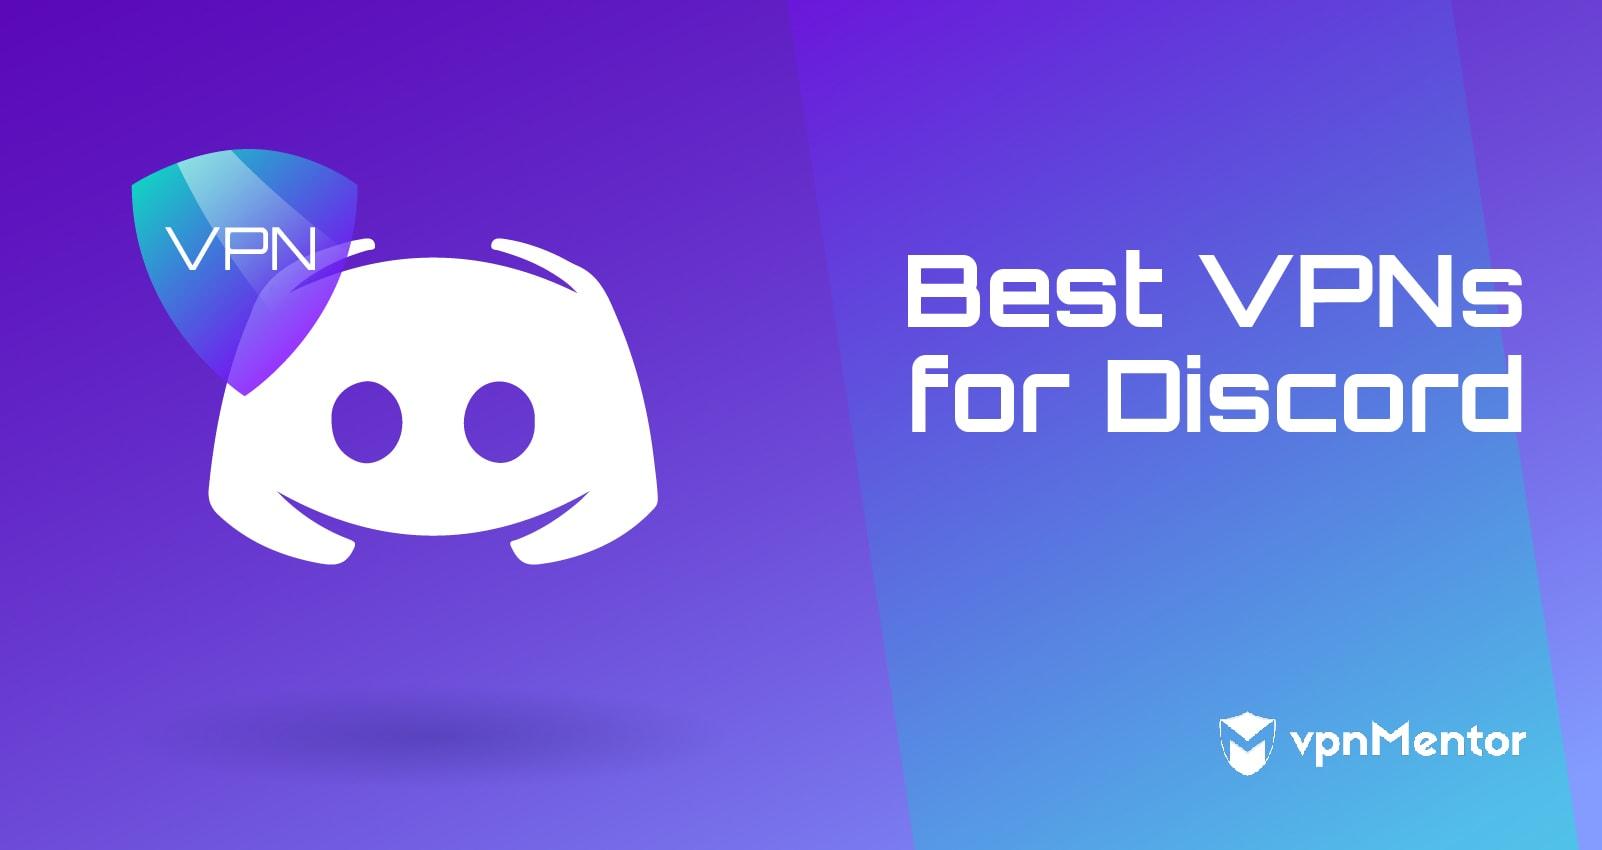 best vpn discord